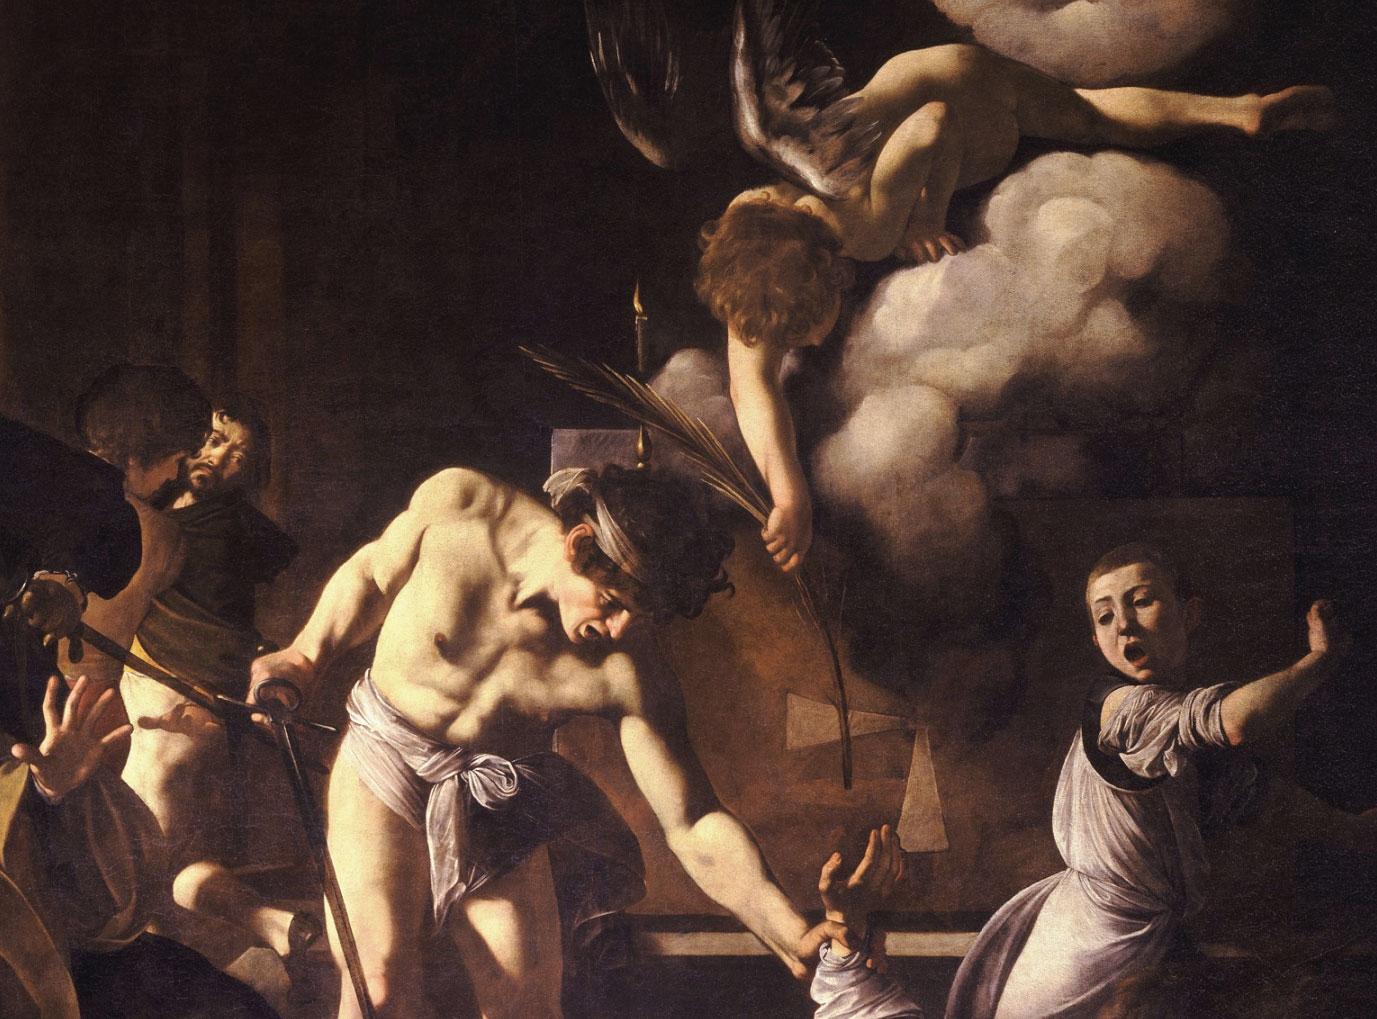 Martirio di San Matteo - dettaglio del quadro